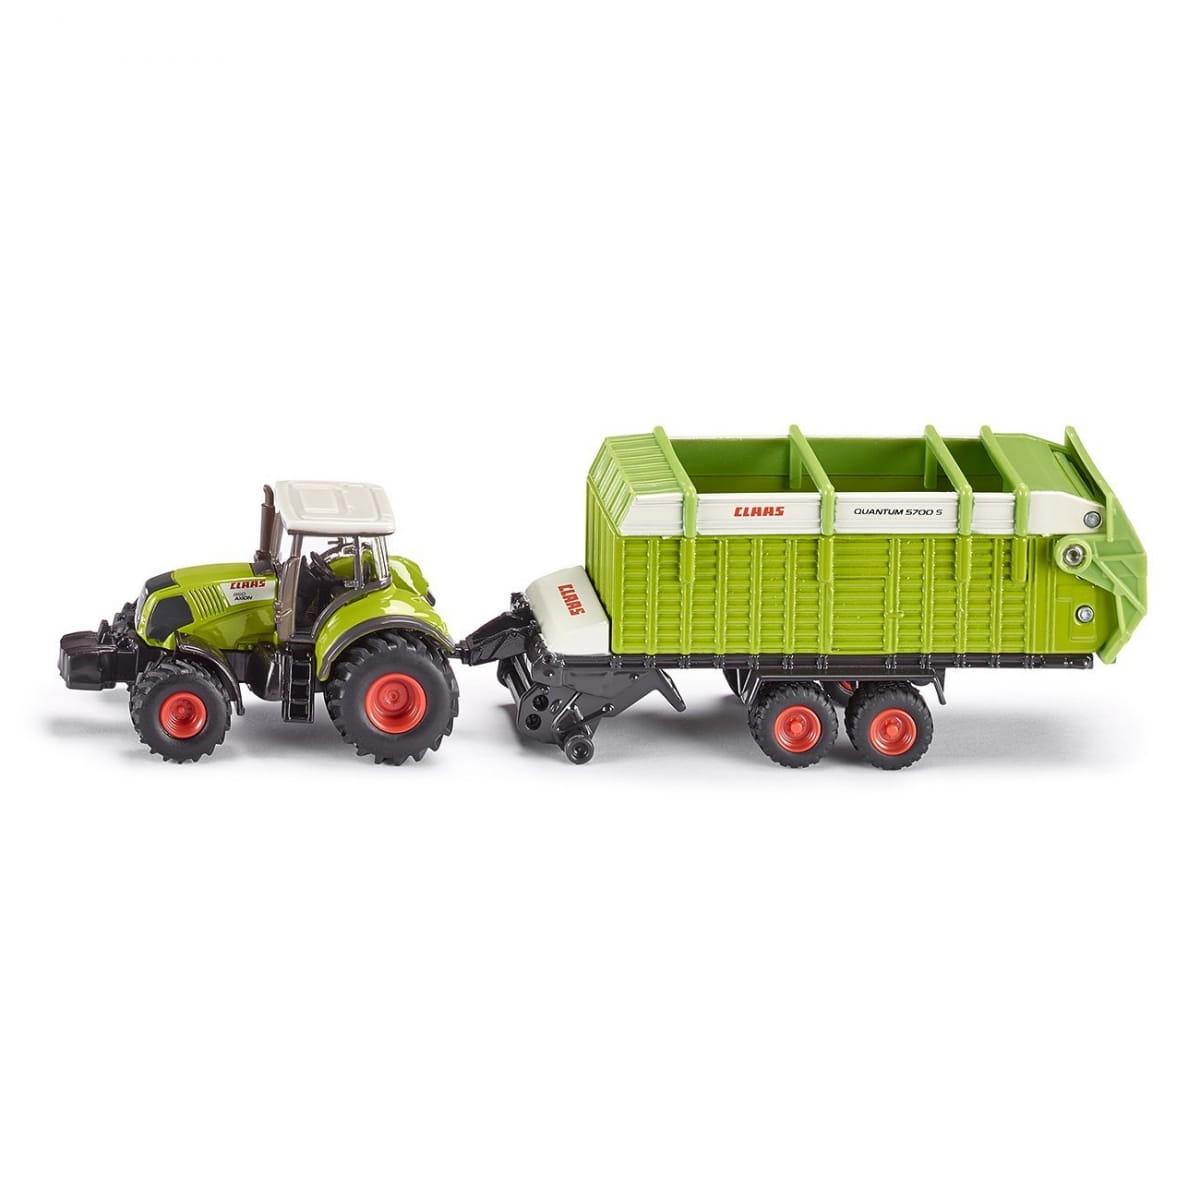 Набор Siku Трактор с загрузочным бункером 1:87 - зеленый